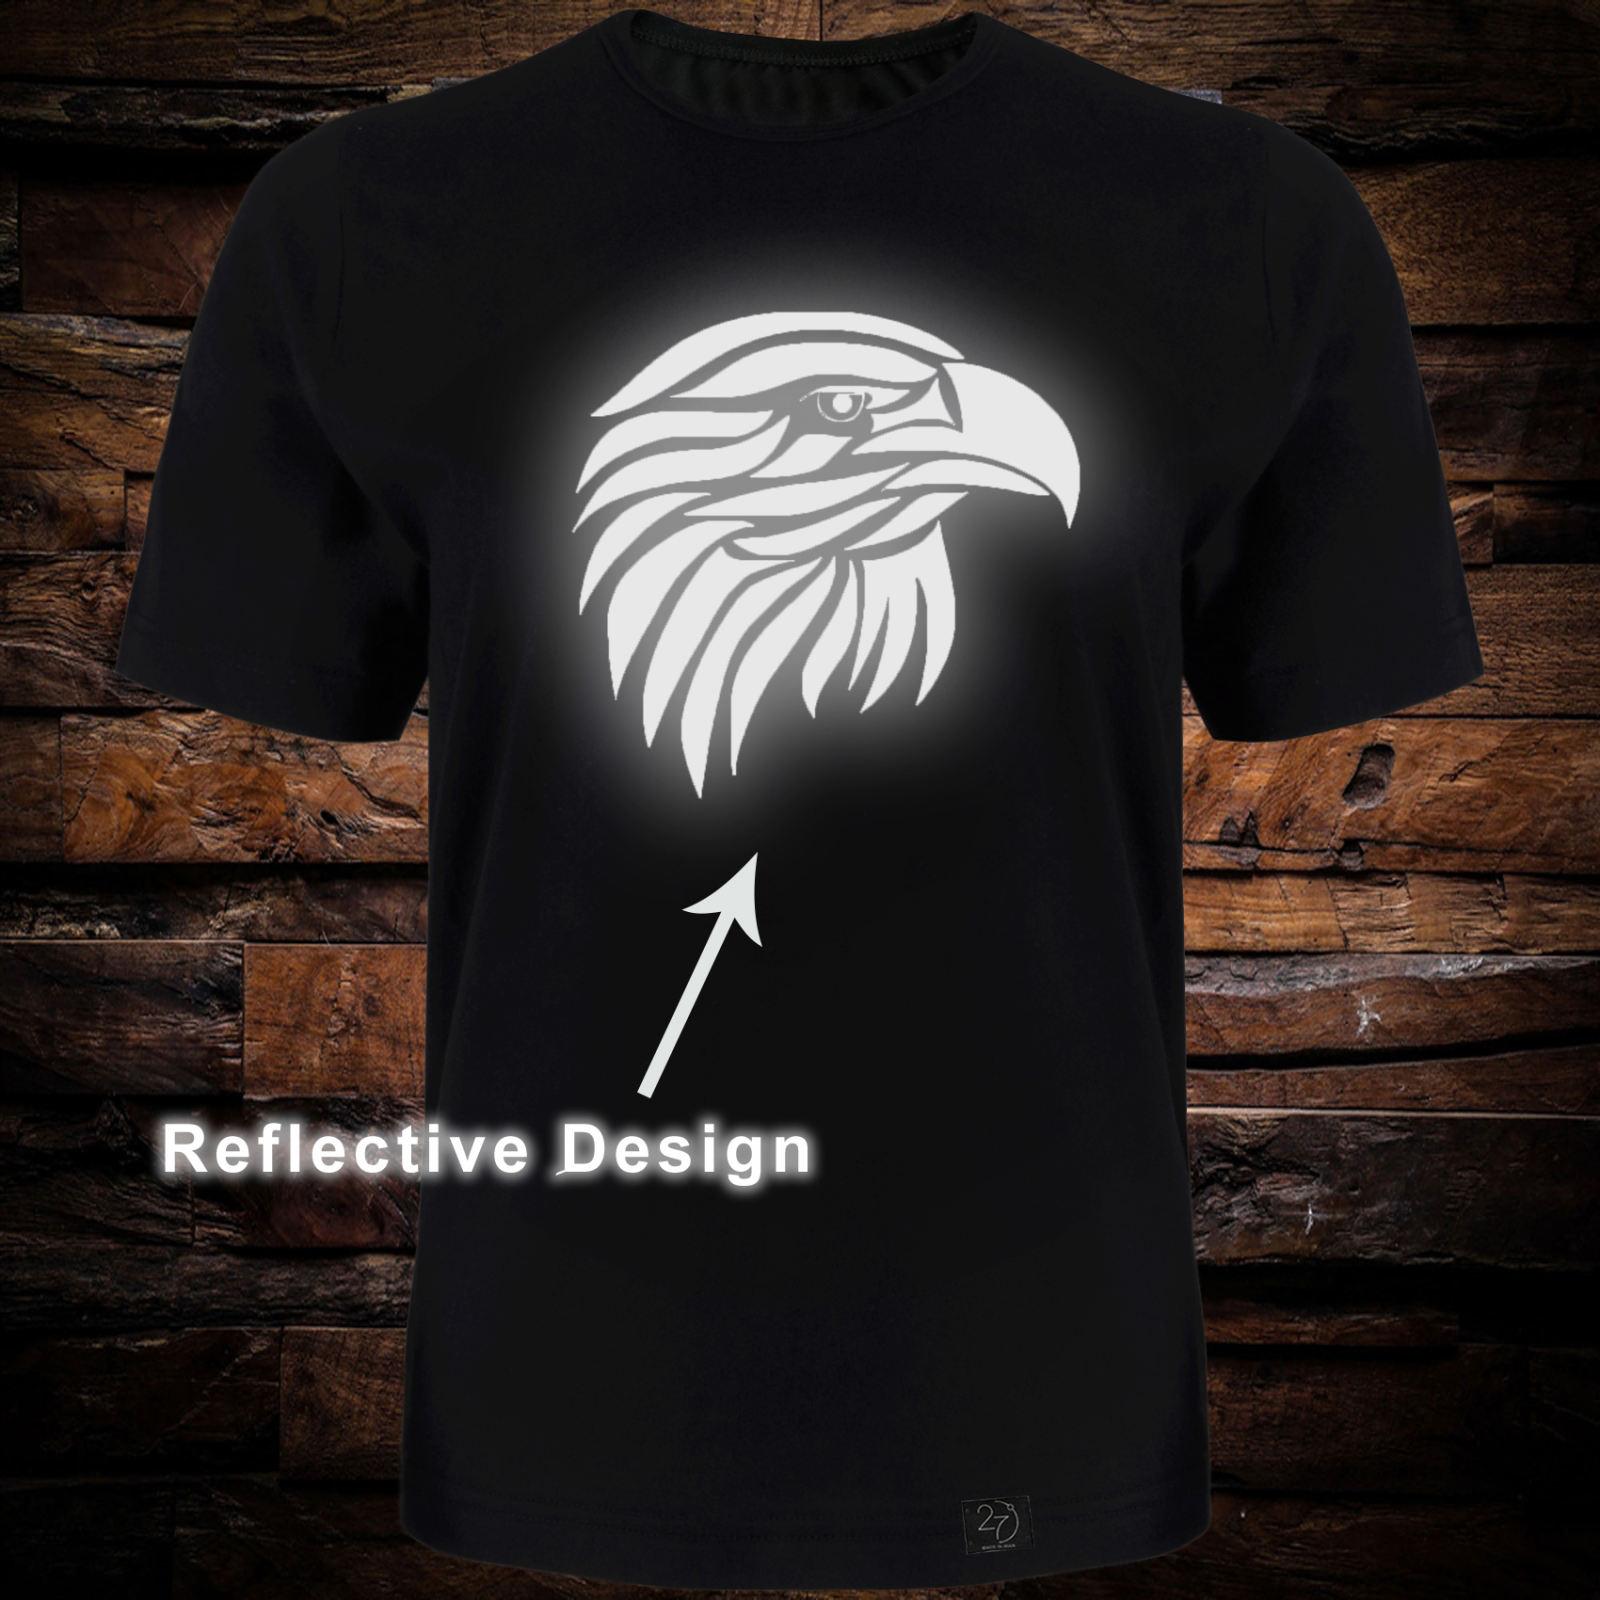 تی شرت آستین کوتاه مردانه 27 طرح عقاب کد TR05 رنگ مشکی -  - 2